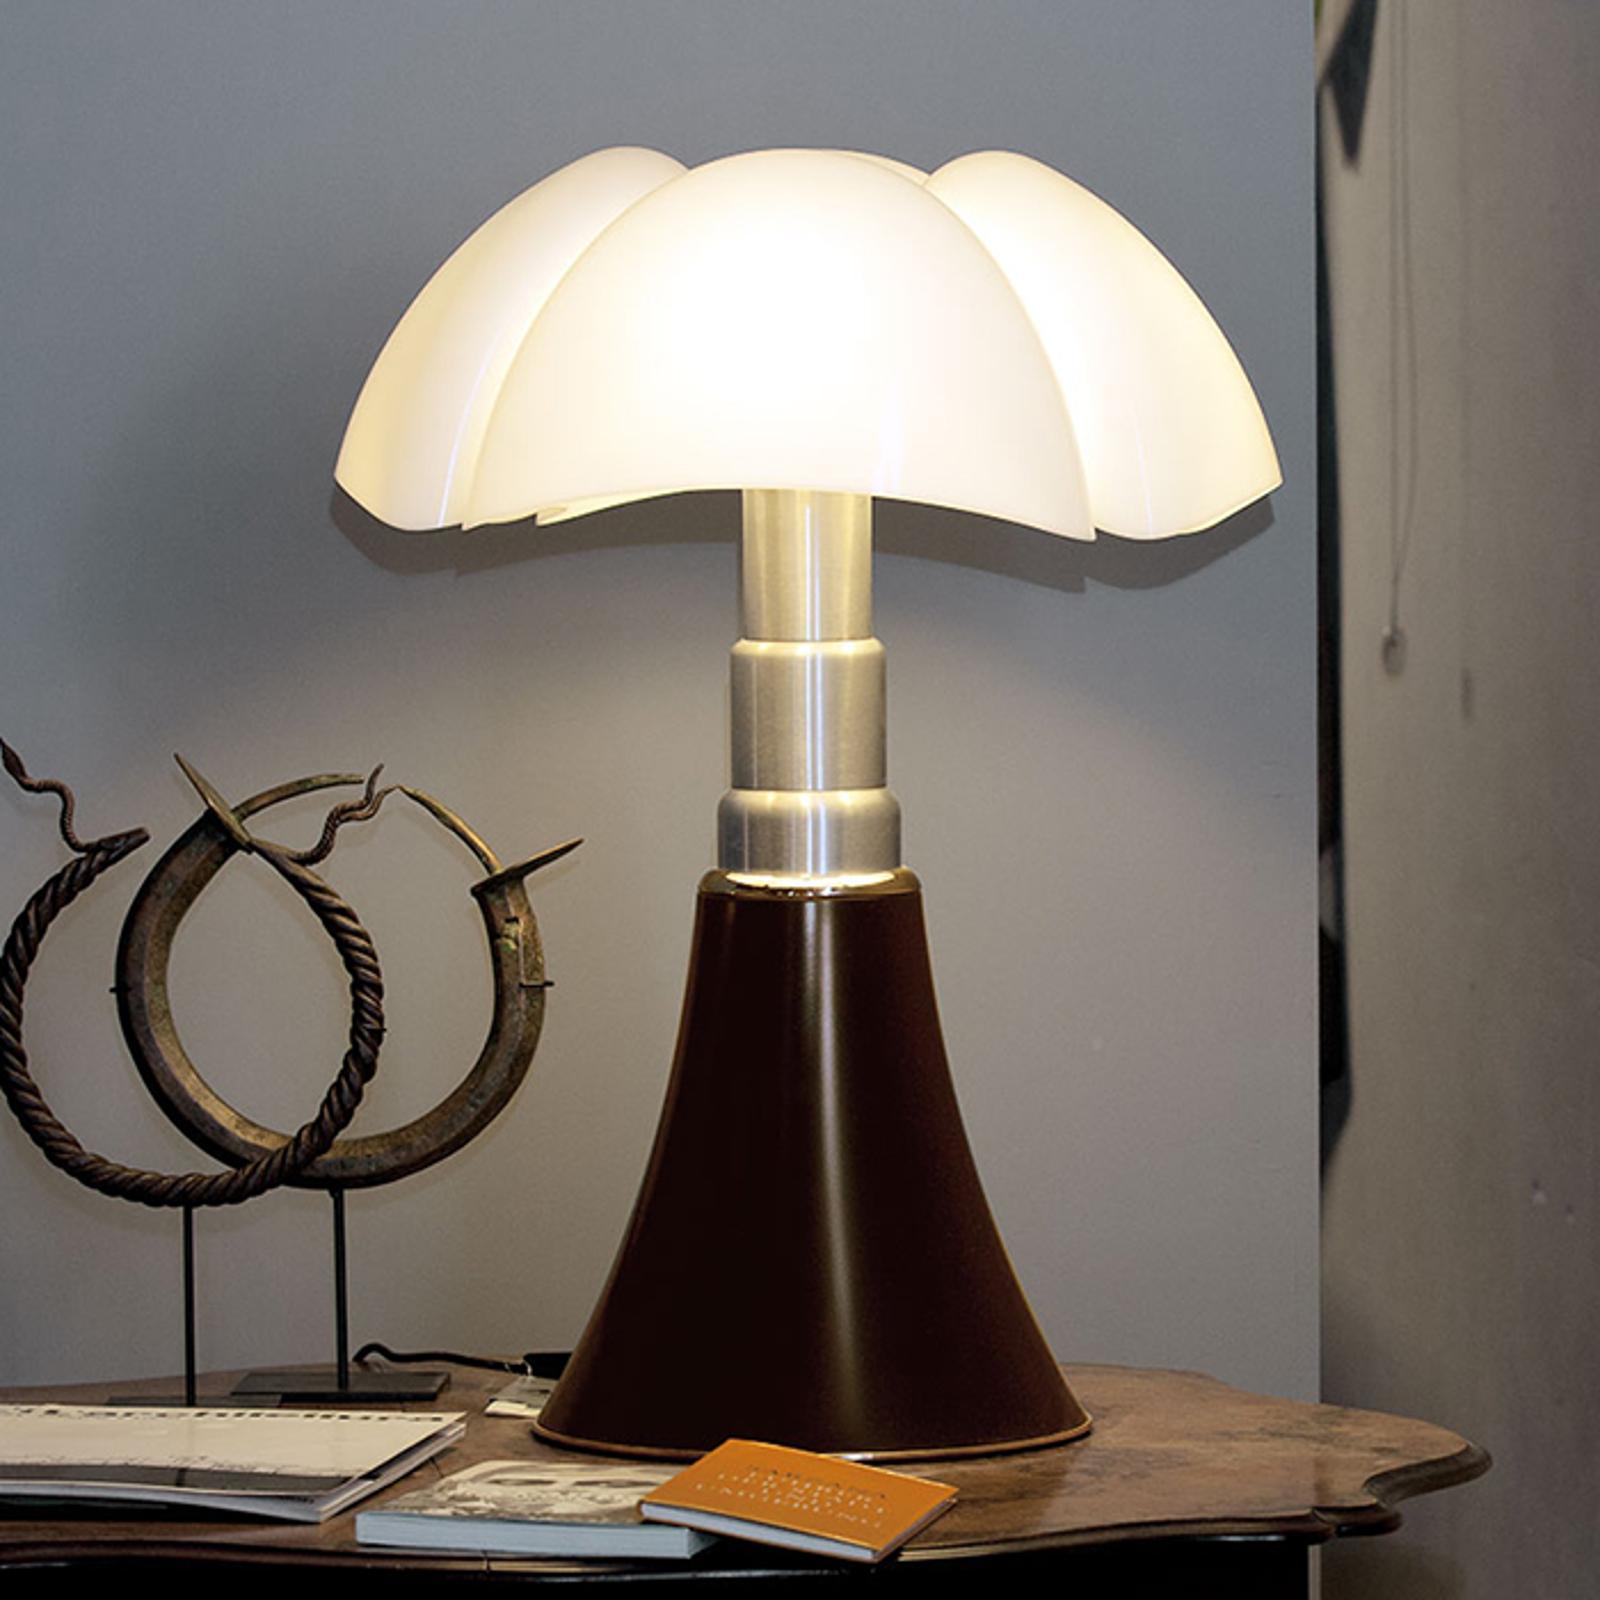 Lampe à poser à hauteur réglable PIPISTRELLO brun